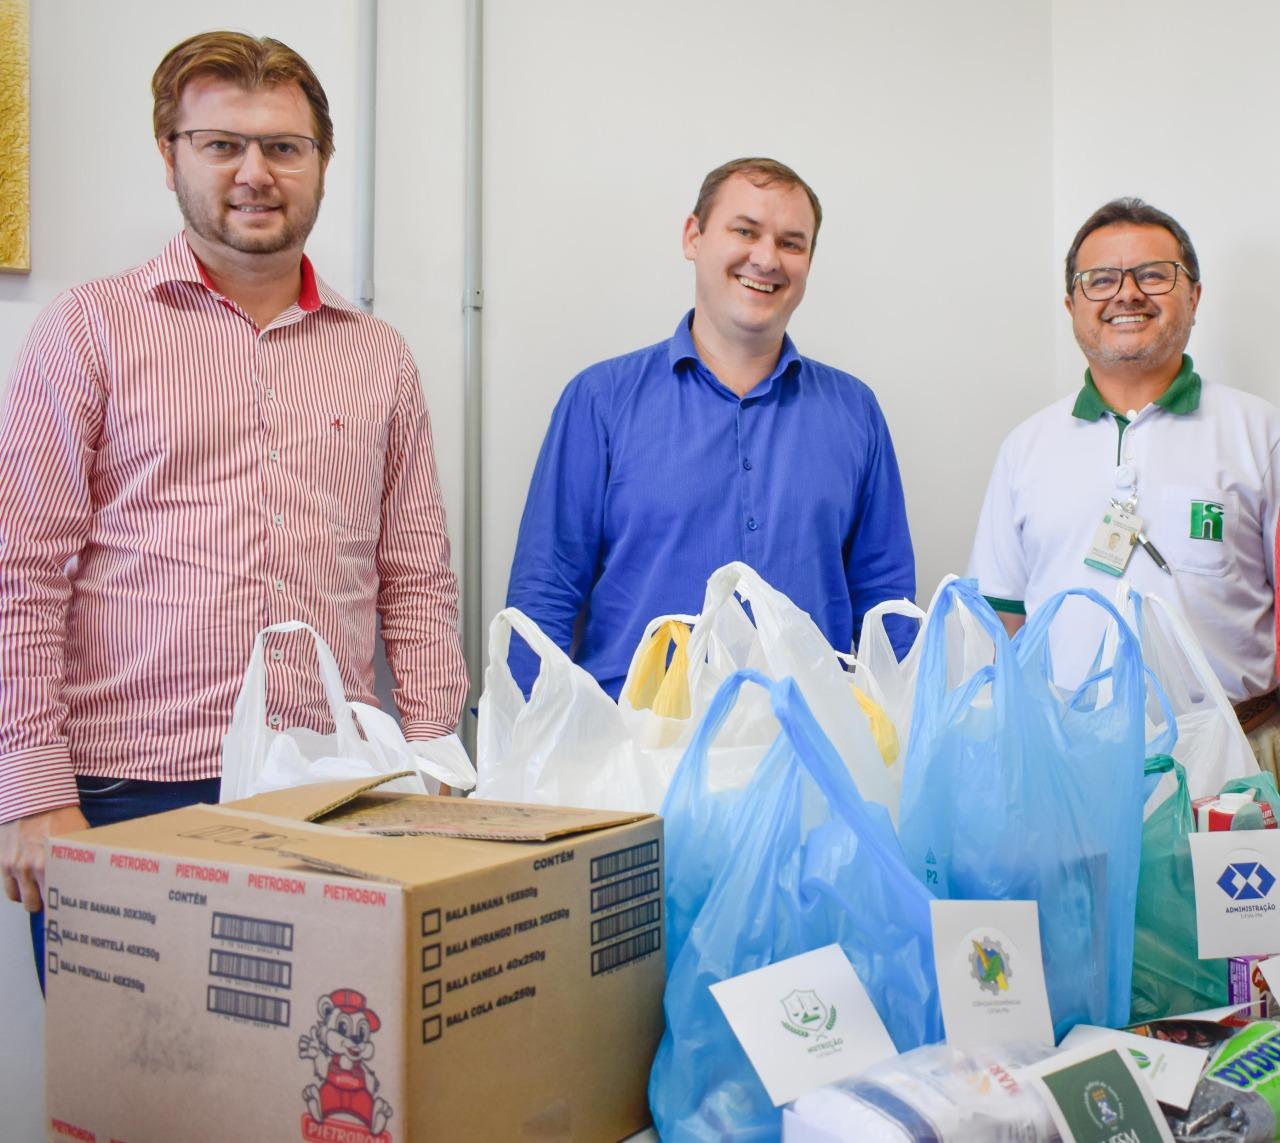 Foto colorida com o diretor do campus ao lado de outros dois homens, representantes do hospital, tendo à frente caixas e sacolas contendo as doações